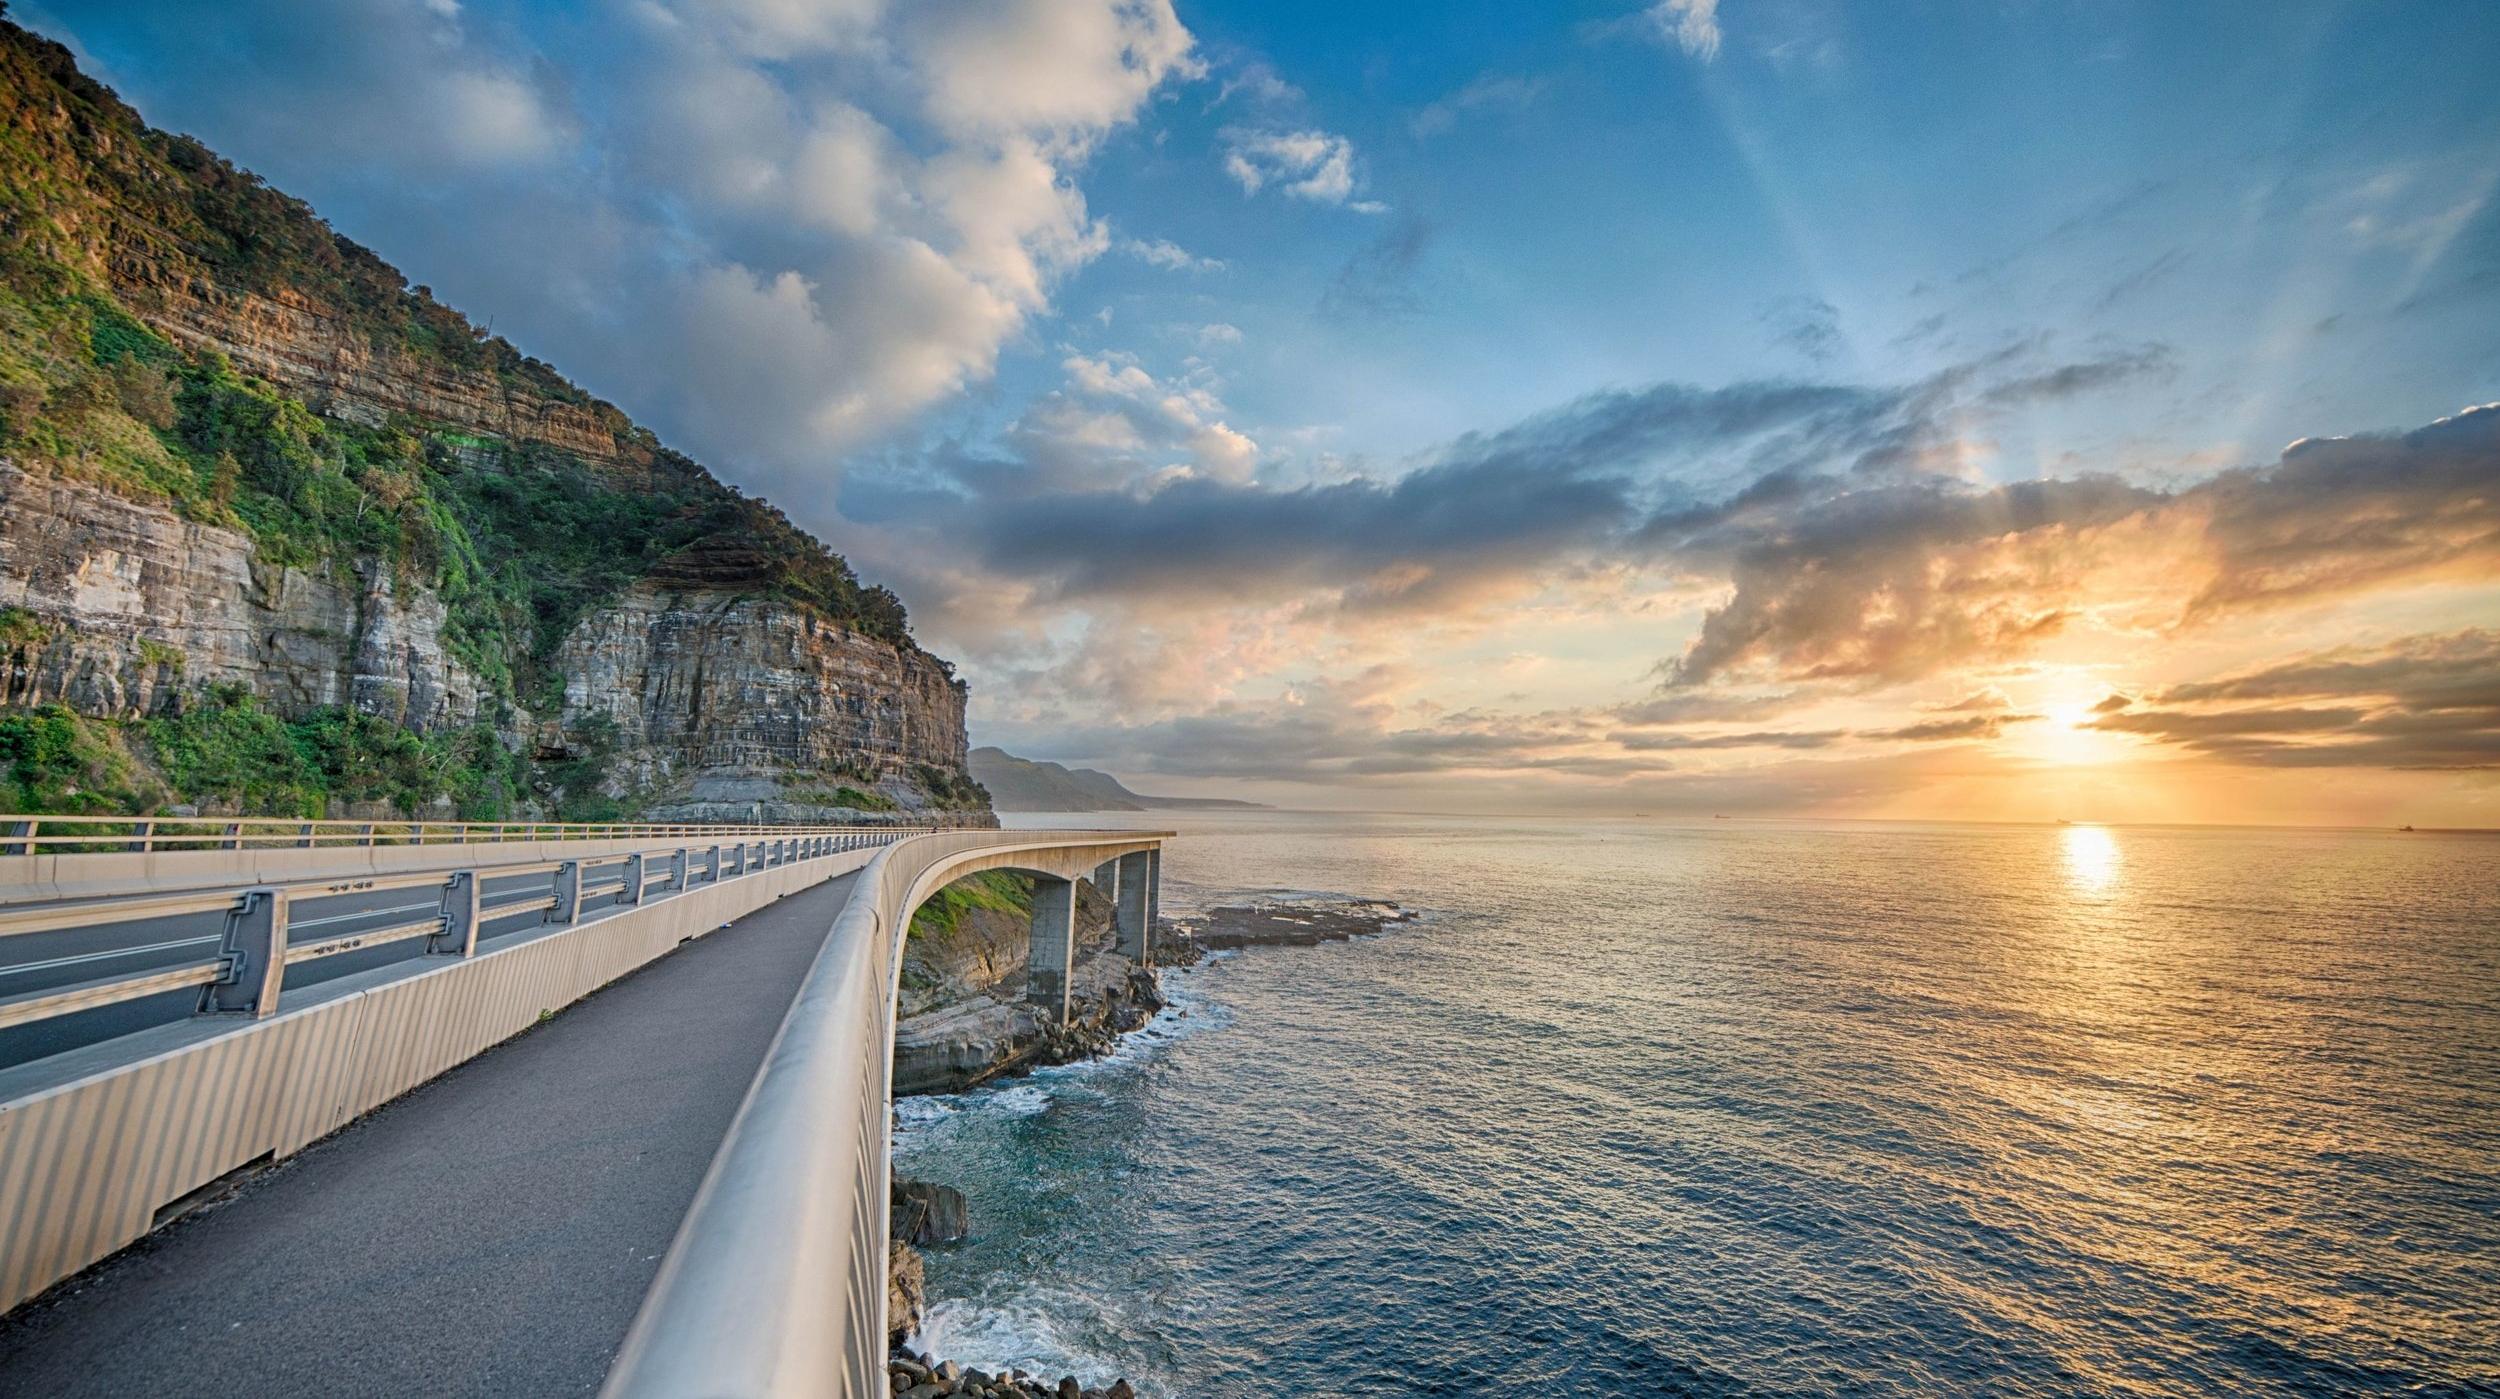 The famous Seacliff Bridge